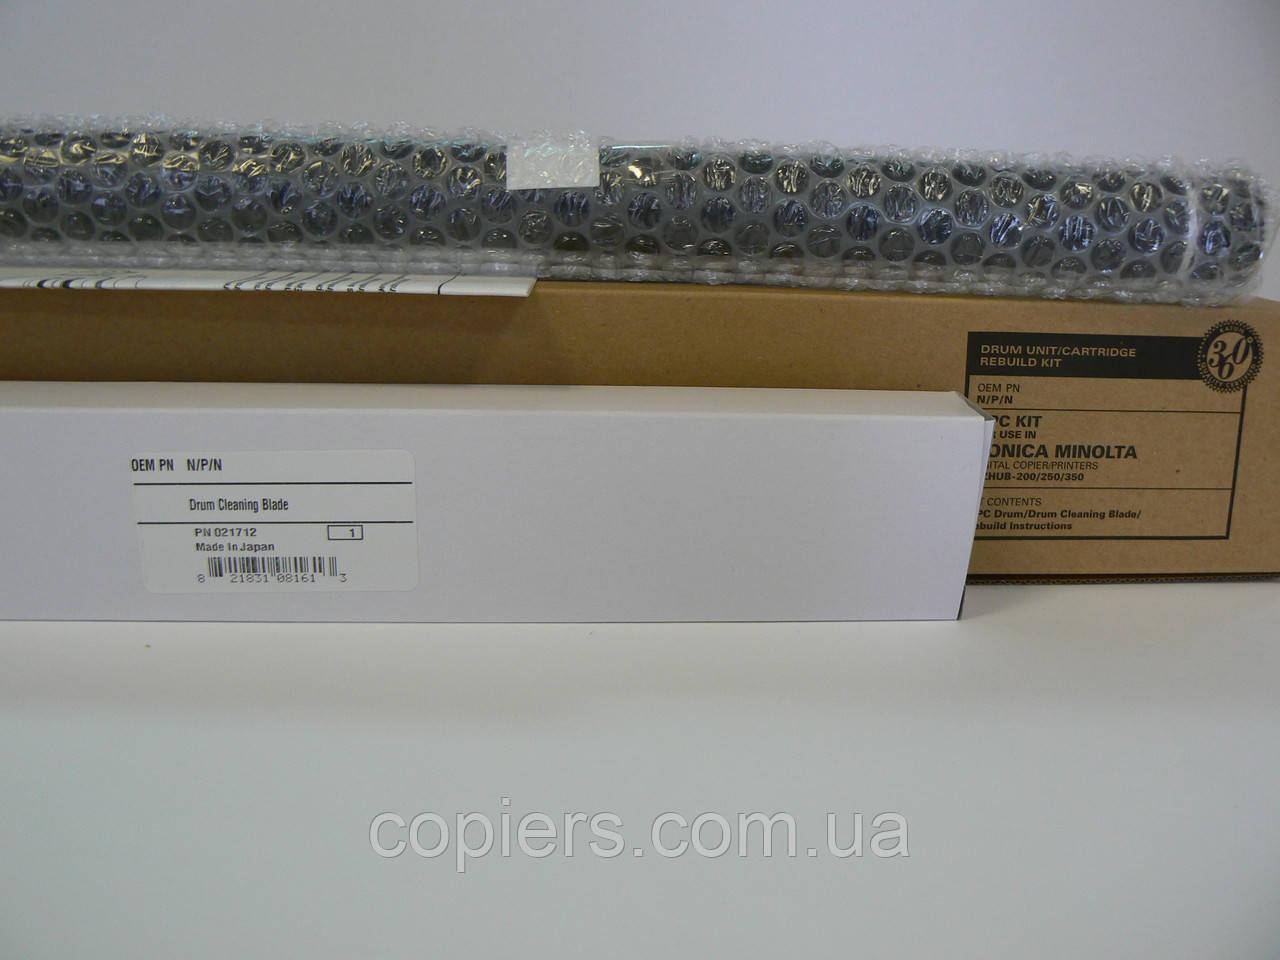 OPC Kit Katun Konica Minolta Bizhub 200/222/250/282/350/362, 35938